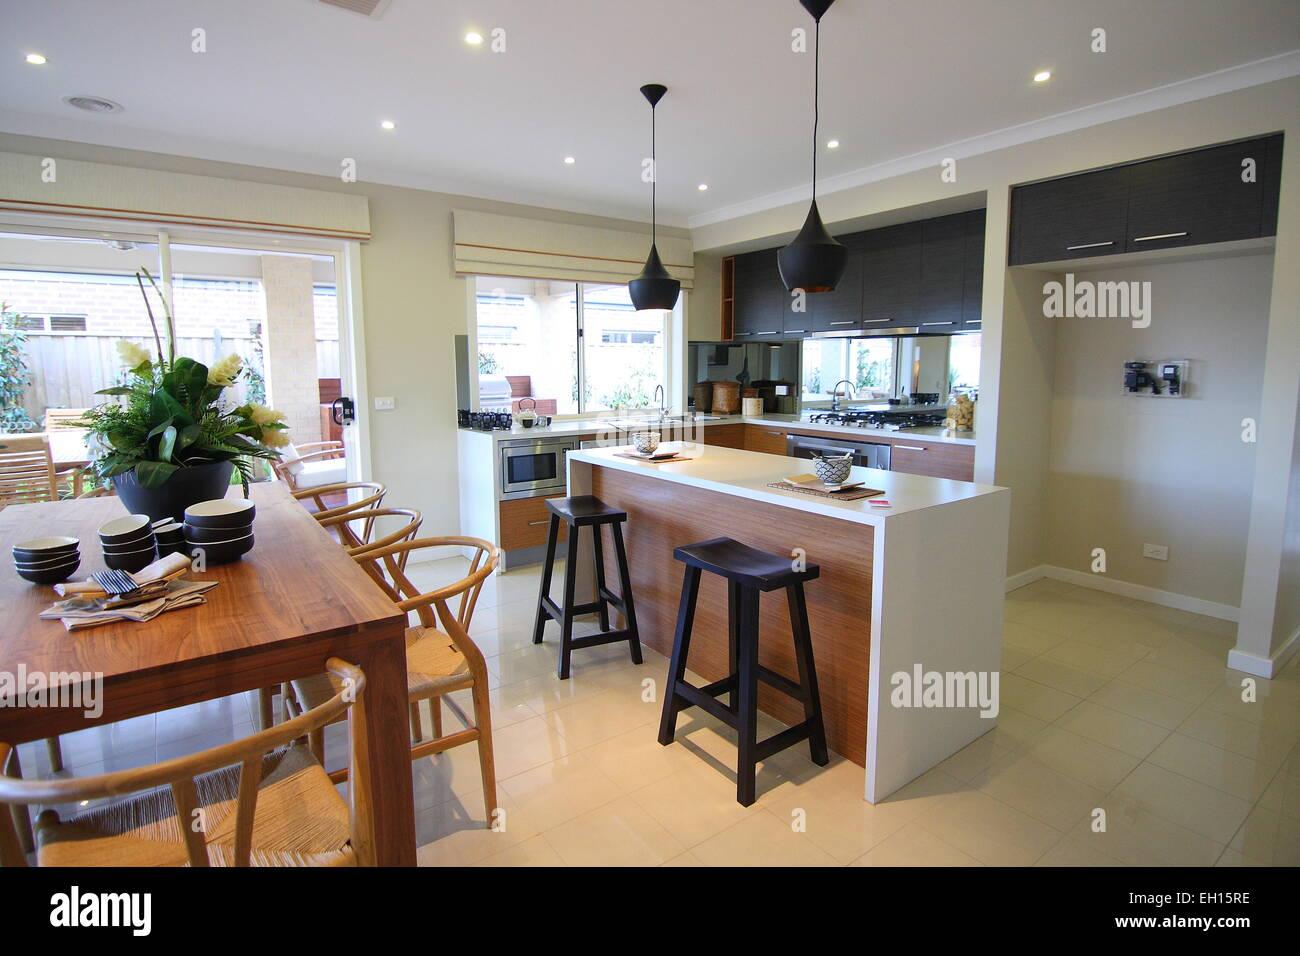 Bianca e moderna cucina con pavimento di piastrelle Foto & Immagine ...